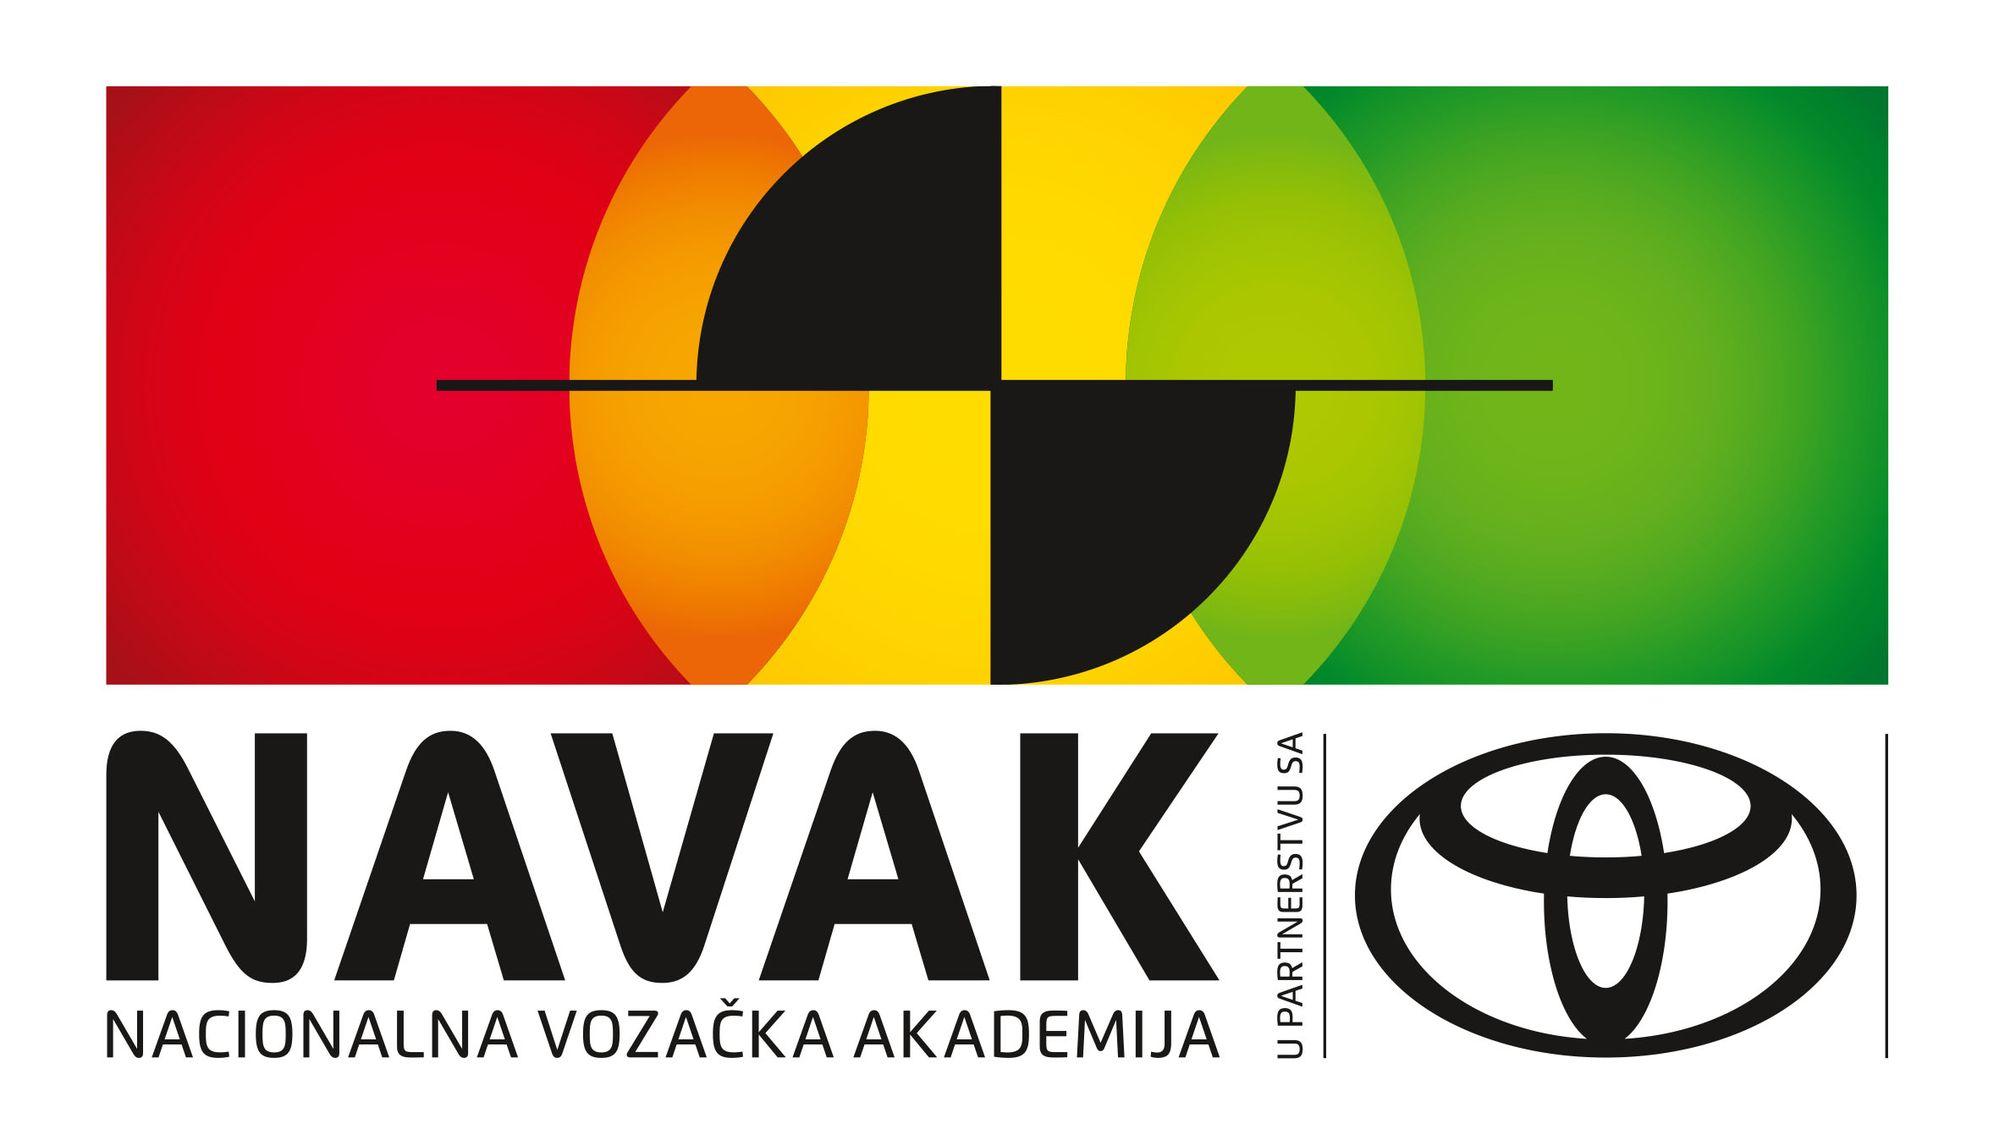 NAVAK - Nacionalna Vozačka Akademija d.o.o